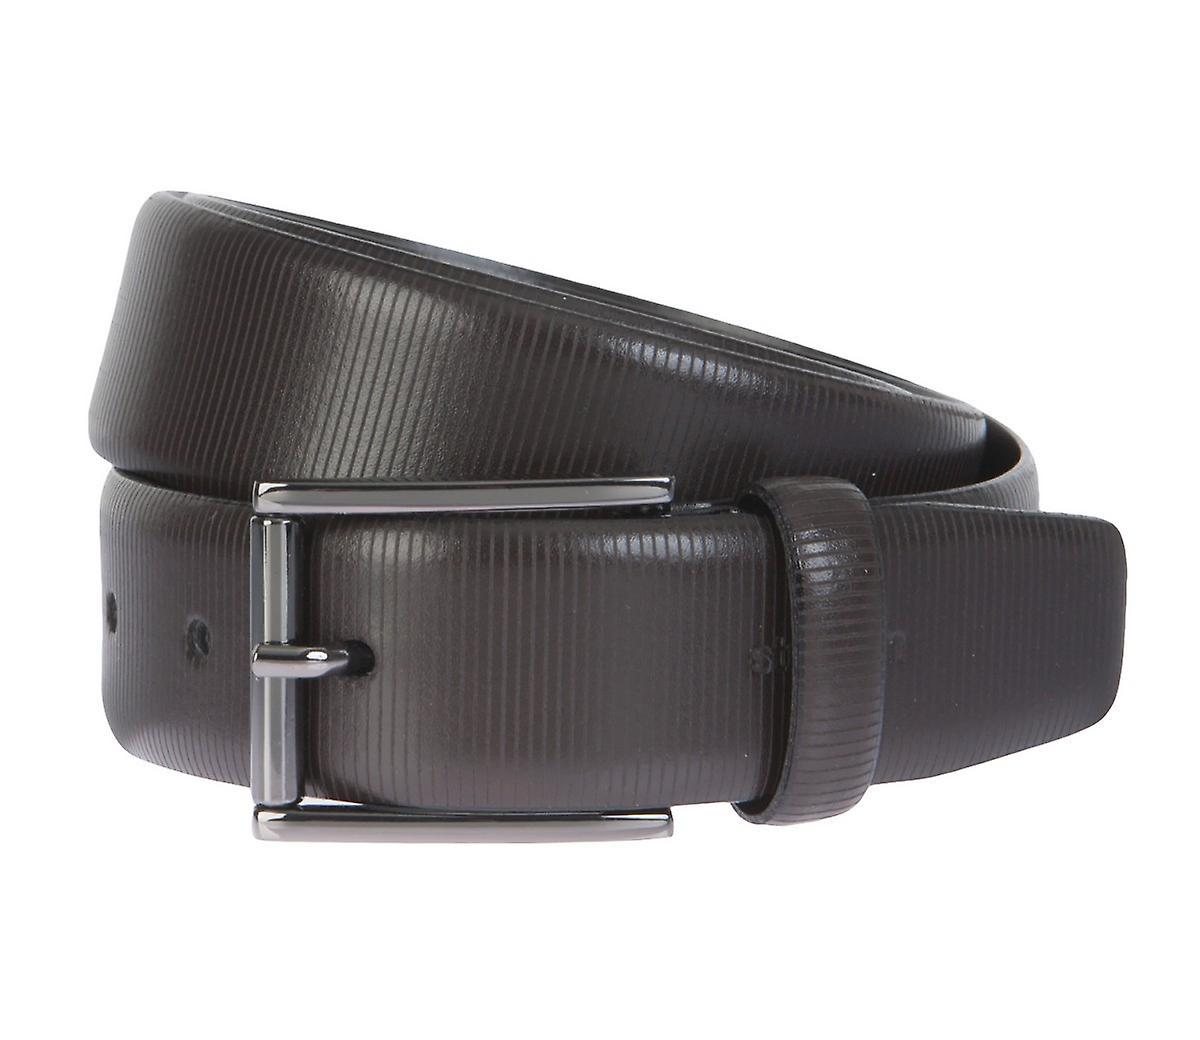 Ceinture en cuir Strellson ceintures hommes ceintures en cuir brun 2303